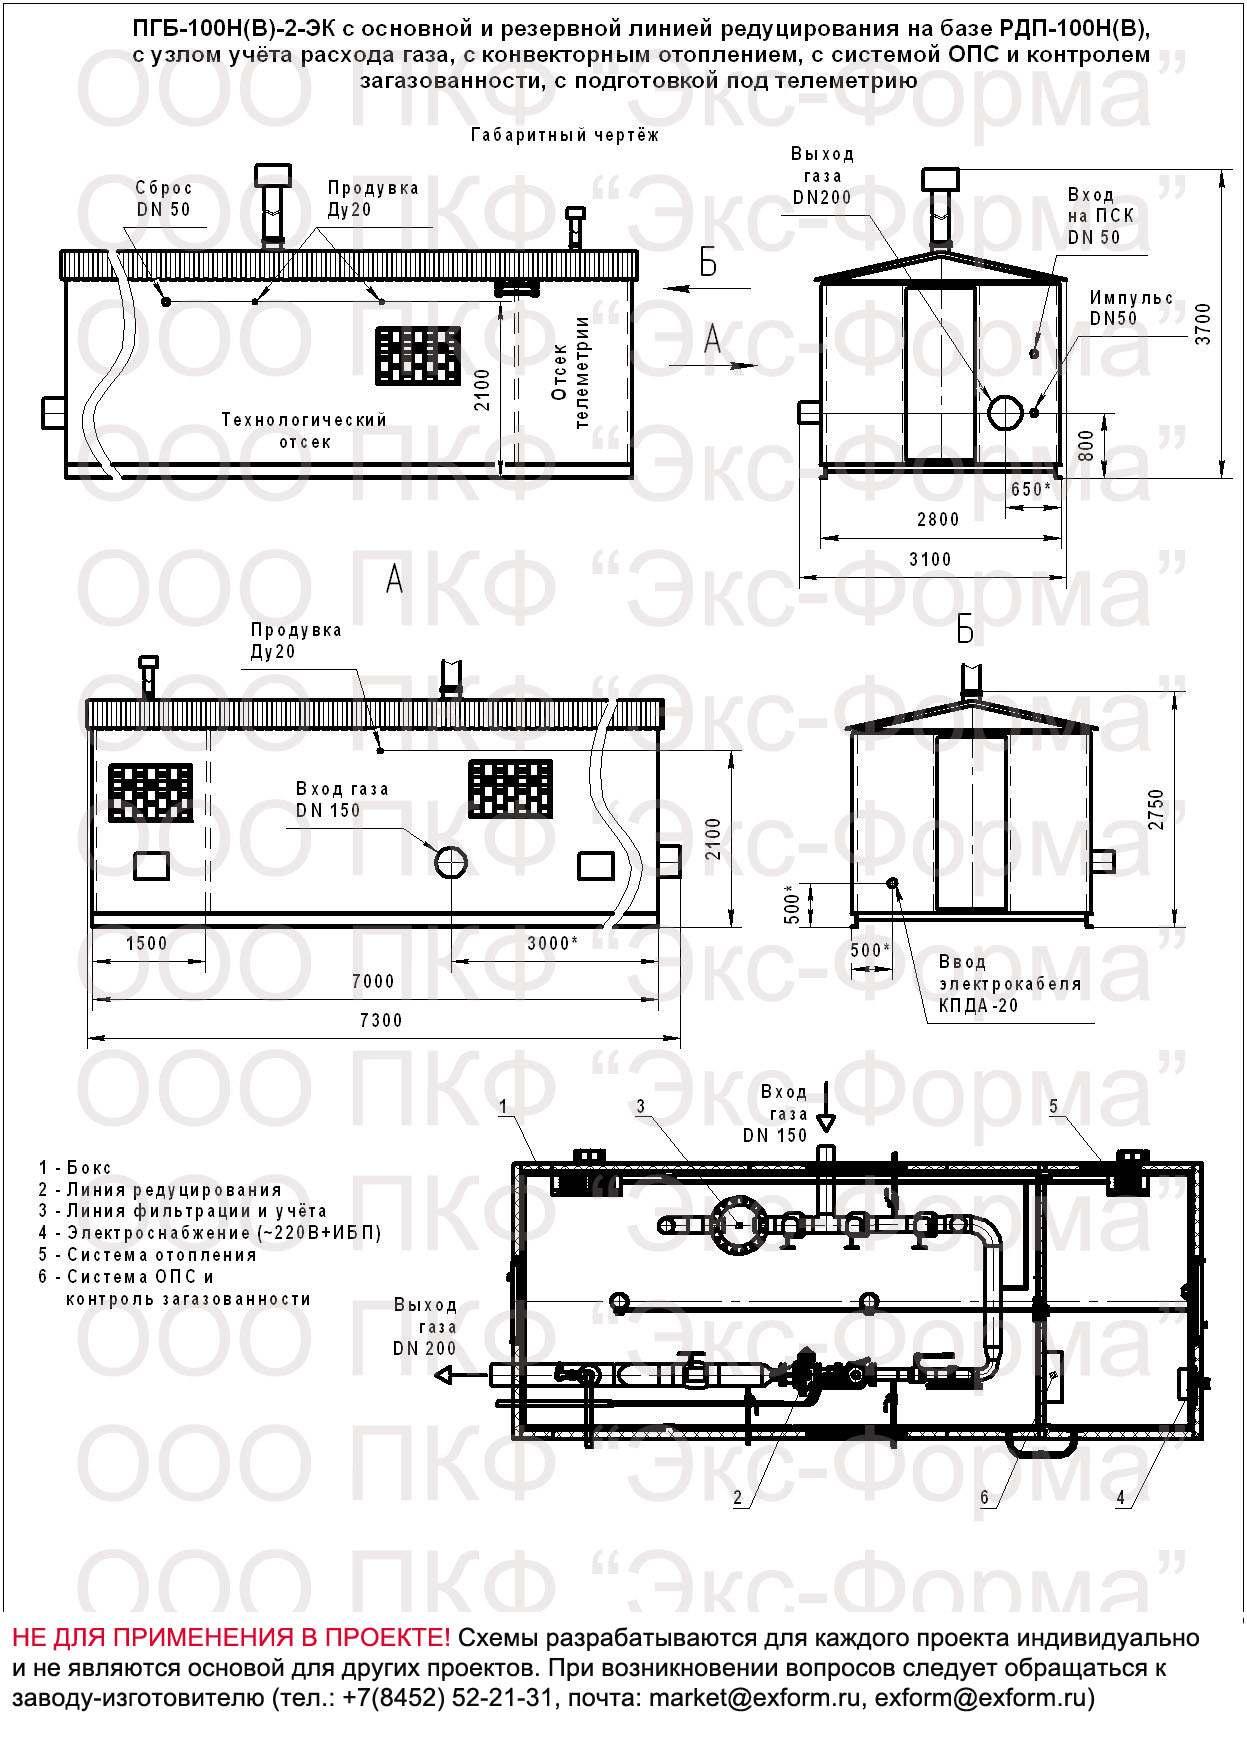 схемы ПГБ-100Н(В)-2-ЭК